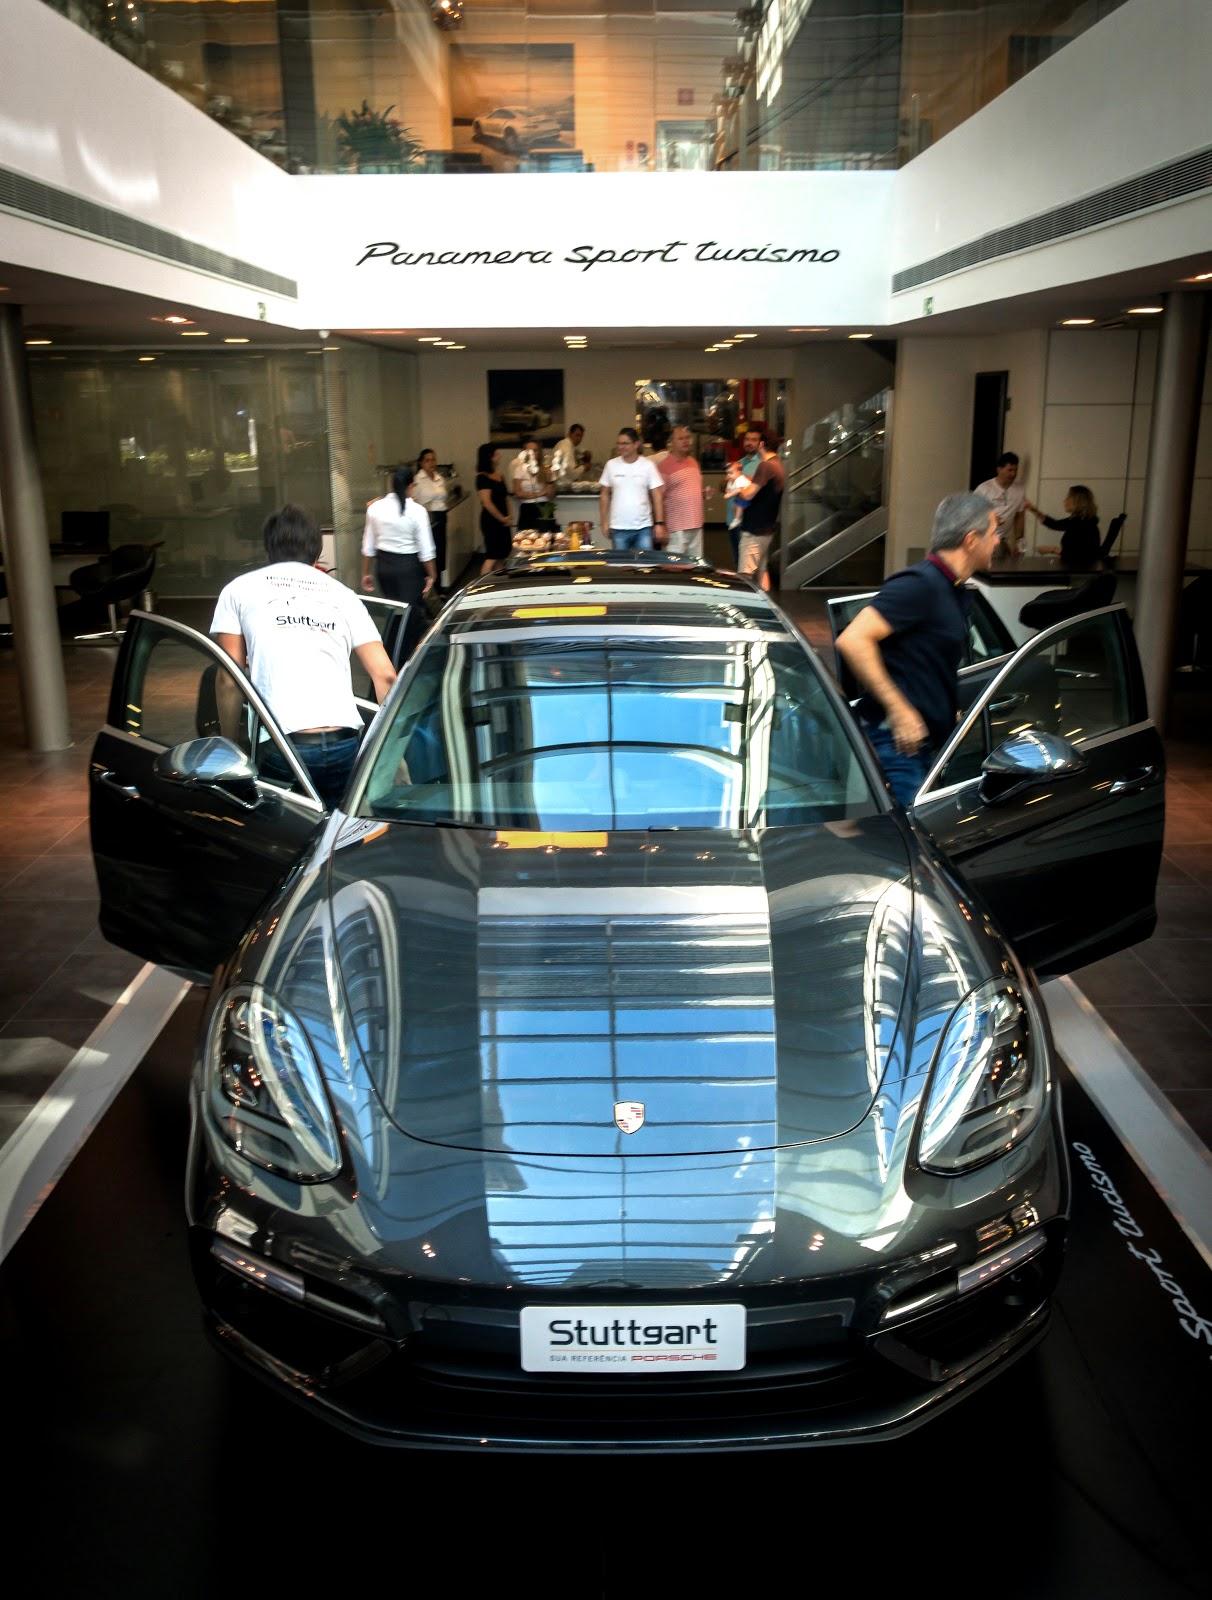 2c94e3e832 A Stuttgart Porsche apresentou neste sábado em sua sede de São Paulo o novo  Panamera Sport Turismo. Foi a primeira apresentação pública no Brasil do  novo ...